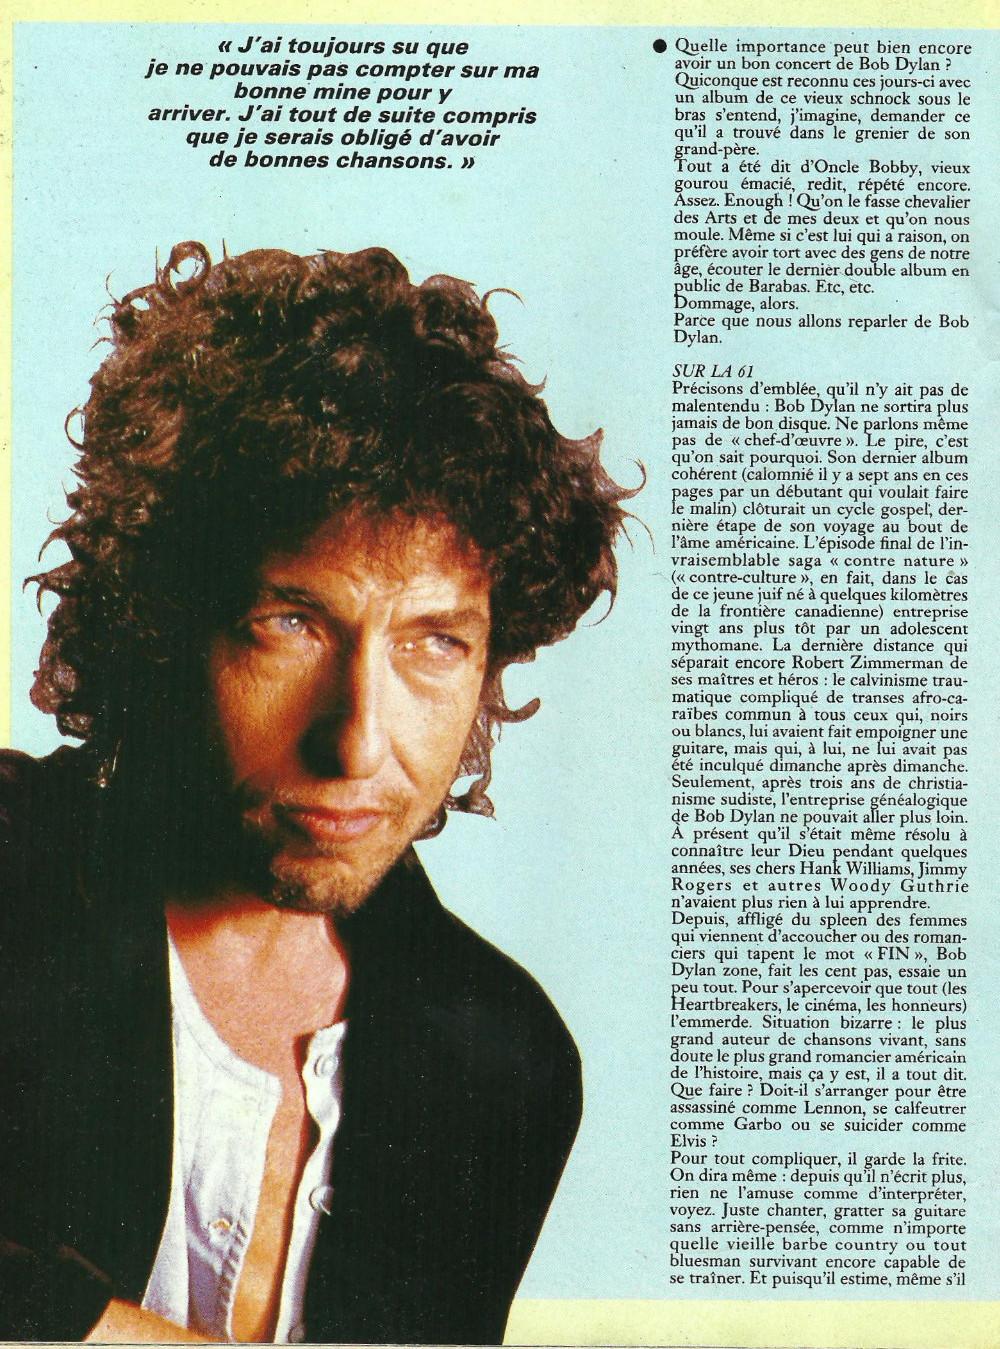 """BOB DYLAN, TOM PETTY & THE HEARTBREAKERS par LAURENT CHALUMEAU 1987 (""""Rock Folk"""") 16112708470920773814663435"""